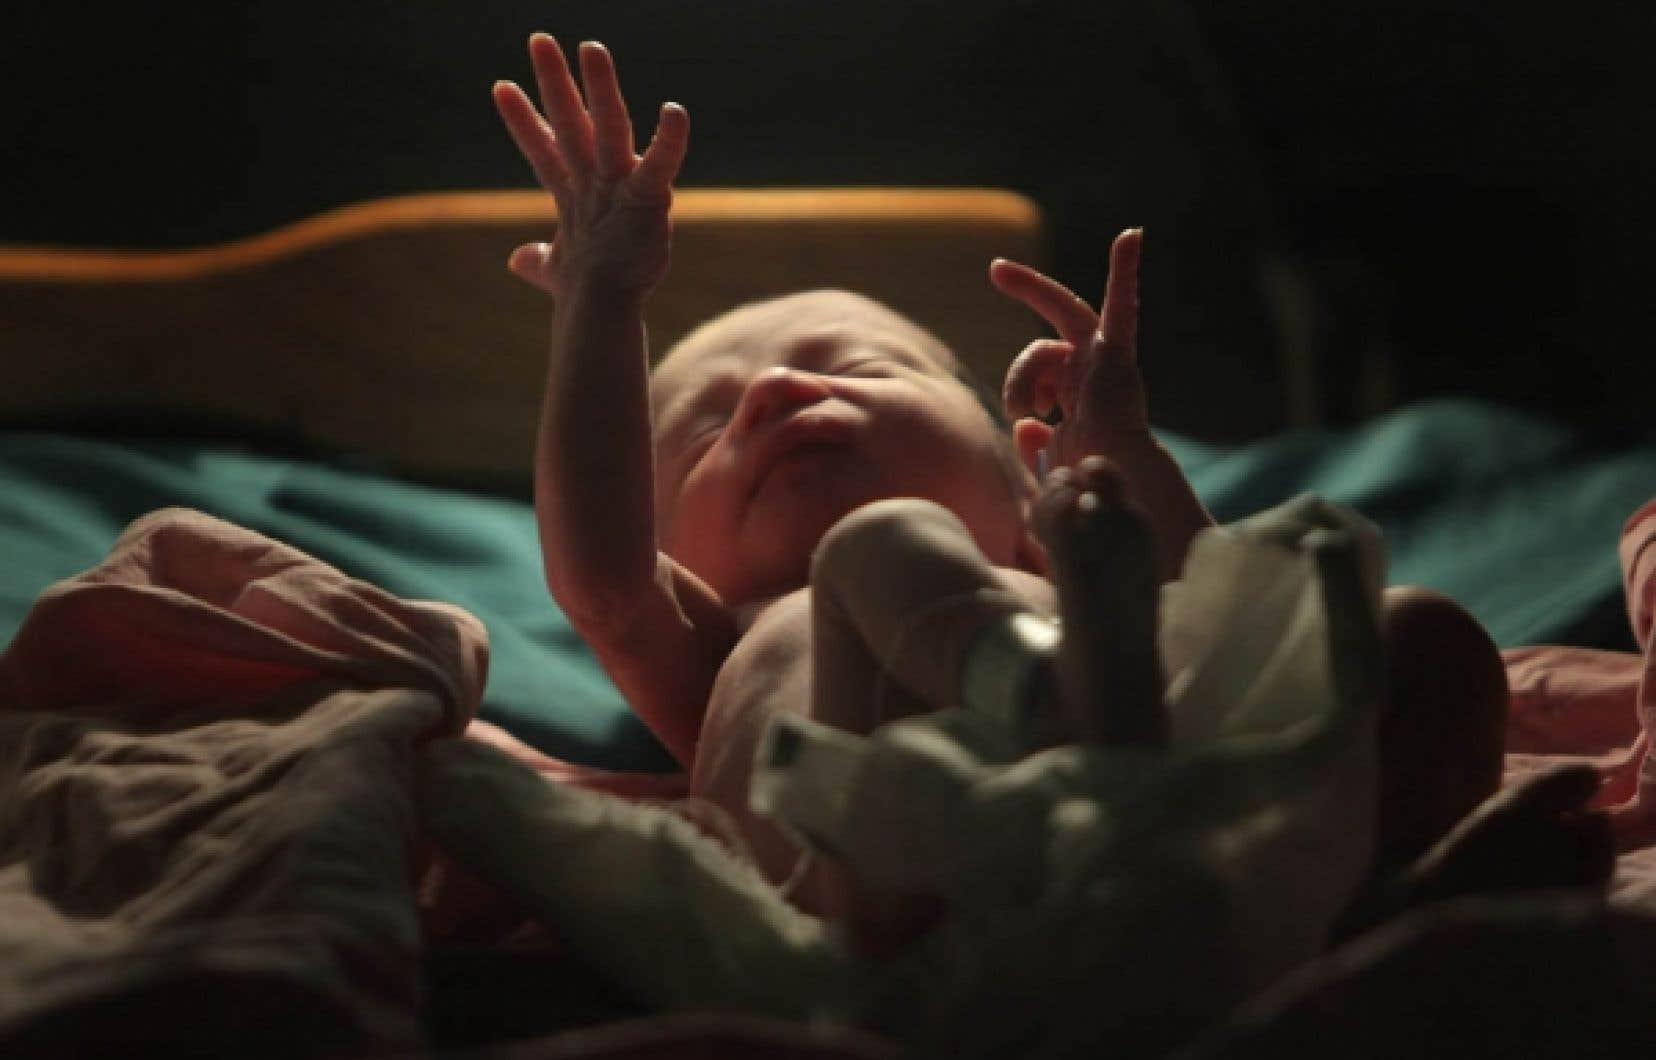 Un nouveau-né, quelques minutes seulement après sa naissance dans un hôpital du Honduras.